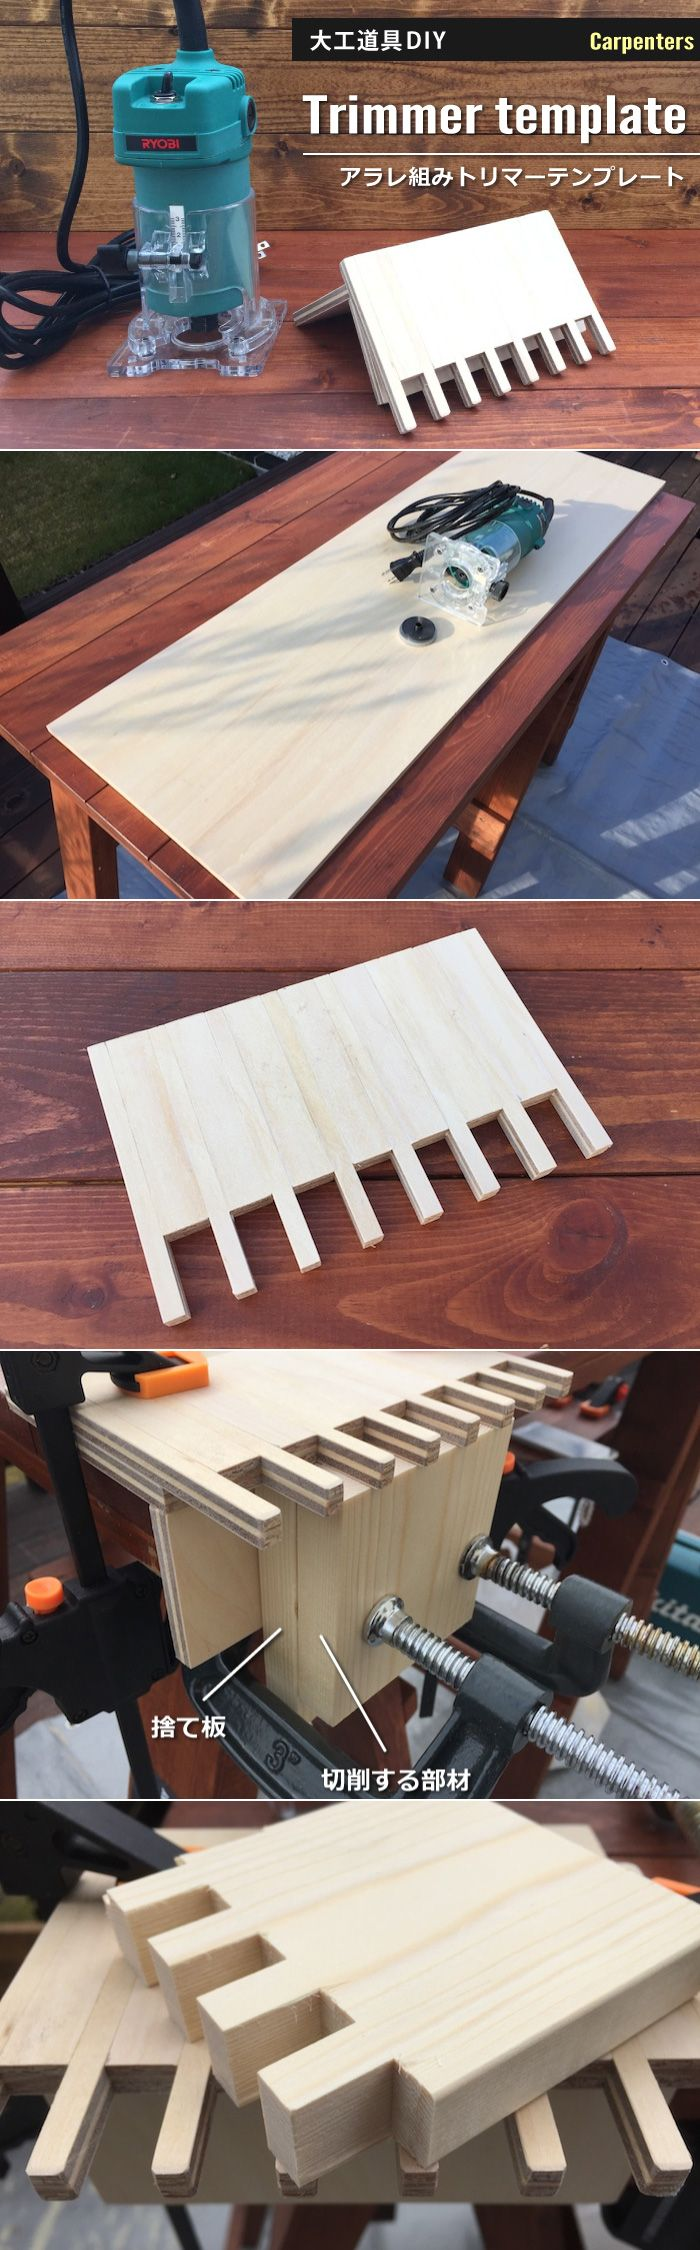 アラレ組み用のトリマーテンプレートです。木箱の木組みなどで用いられるアラレ組みを、オリジナルテンプレートで楽しみたいと思い製作しました。#DIY #日曜大工 #自作 #大工道具 #トリマー #テンプレート